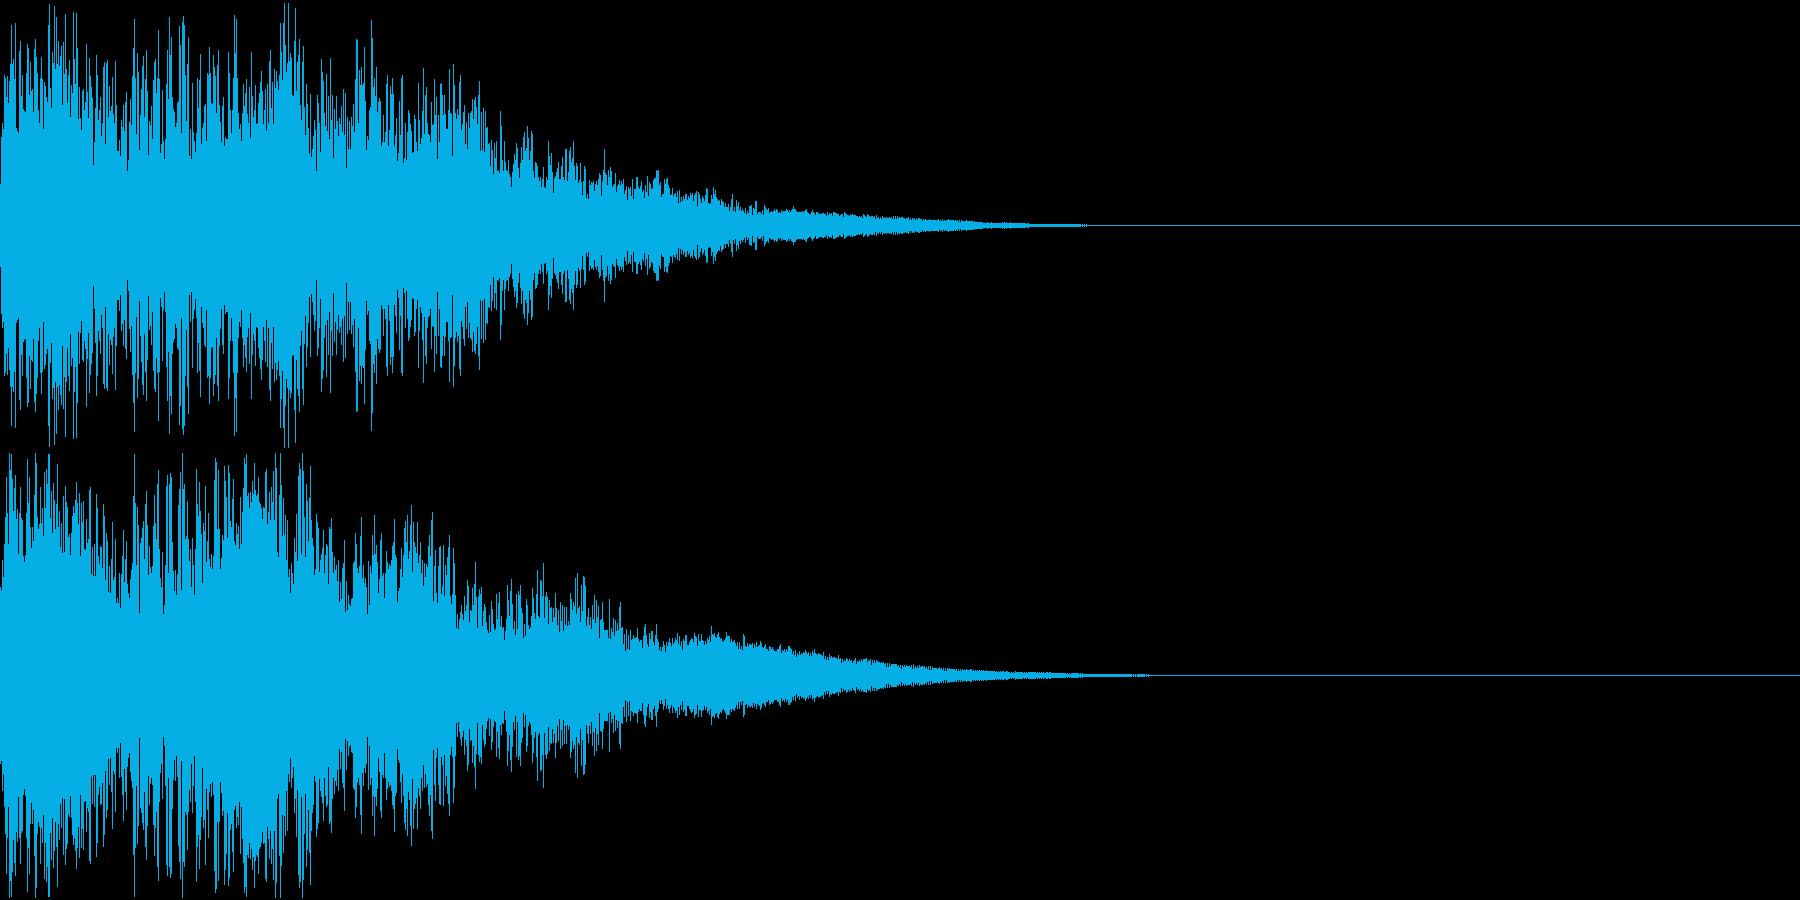 ロボット 合体 ガシーン キュイン 20の再生済みの波形